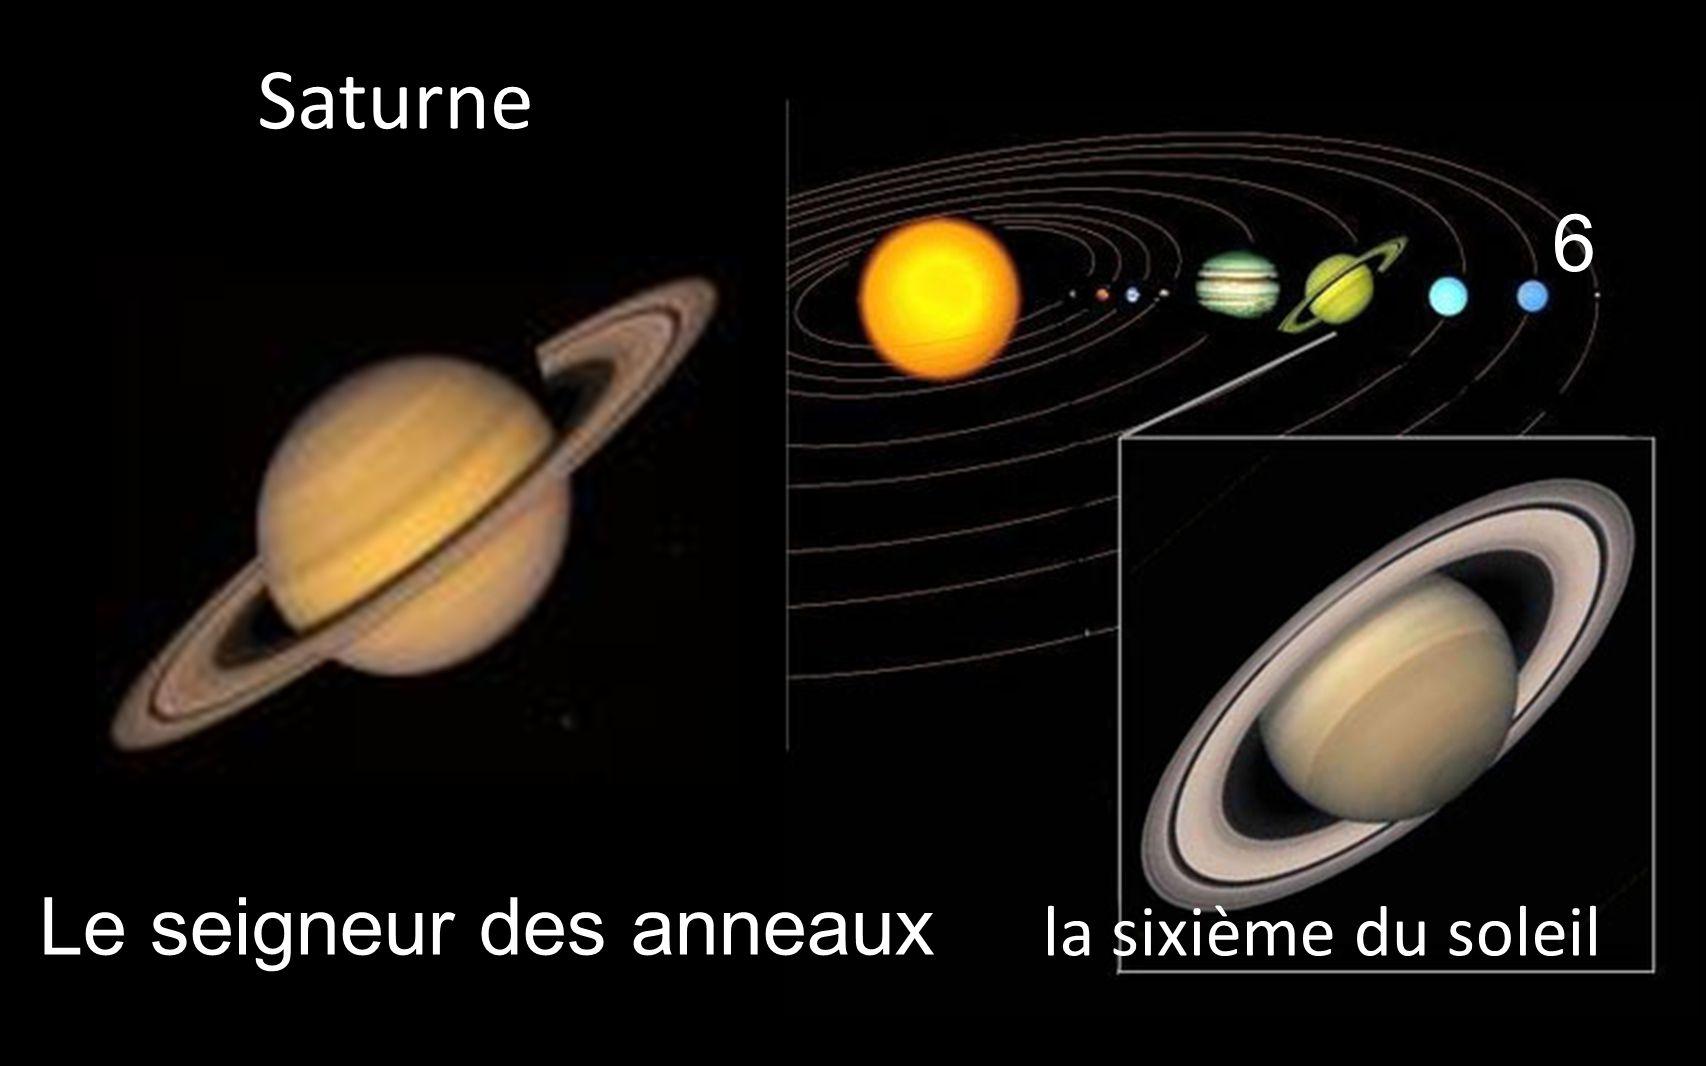 6 la sixième du soleil _Saturne _Le seigneur des anneaux